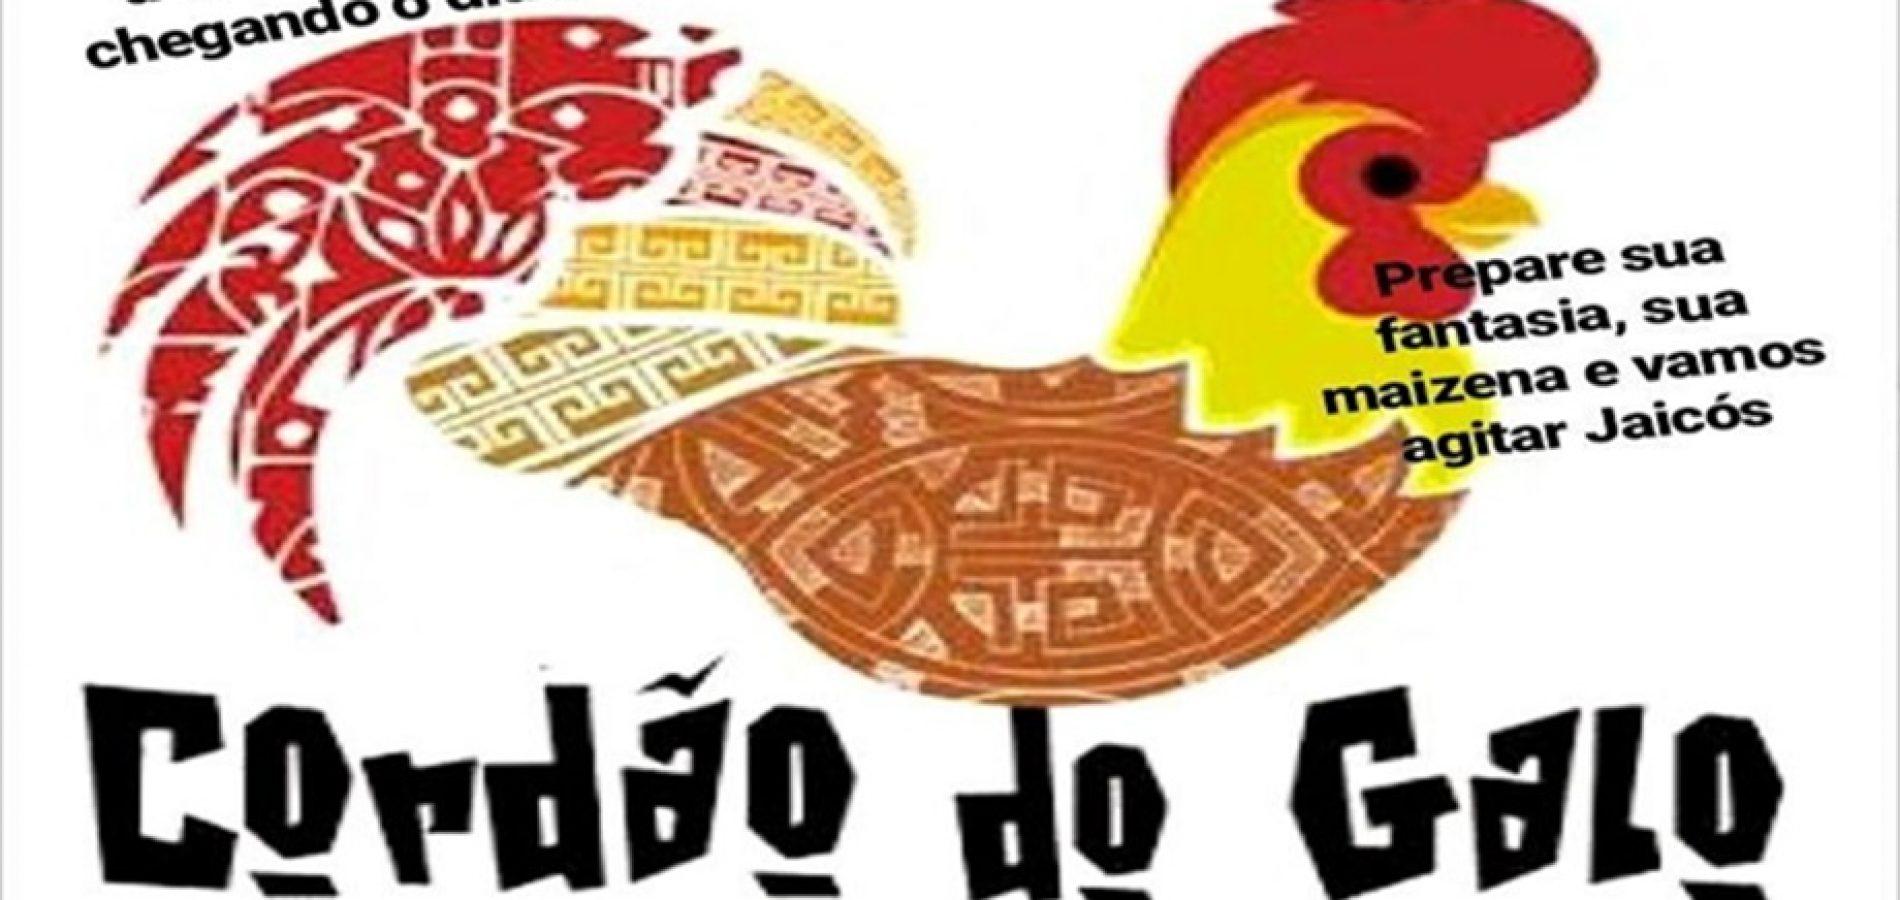 II Cordão do Galo acontece nesta terça-feira (13) em Jaicós